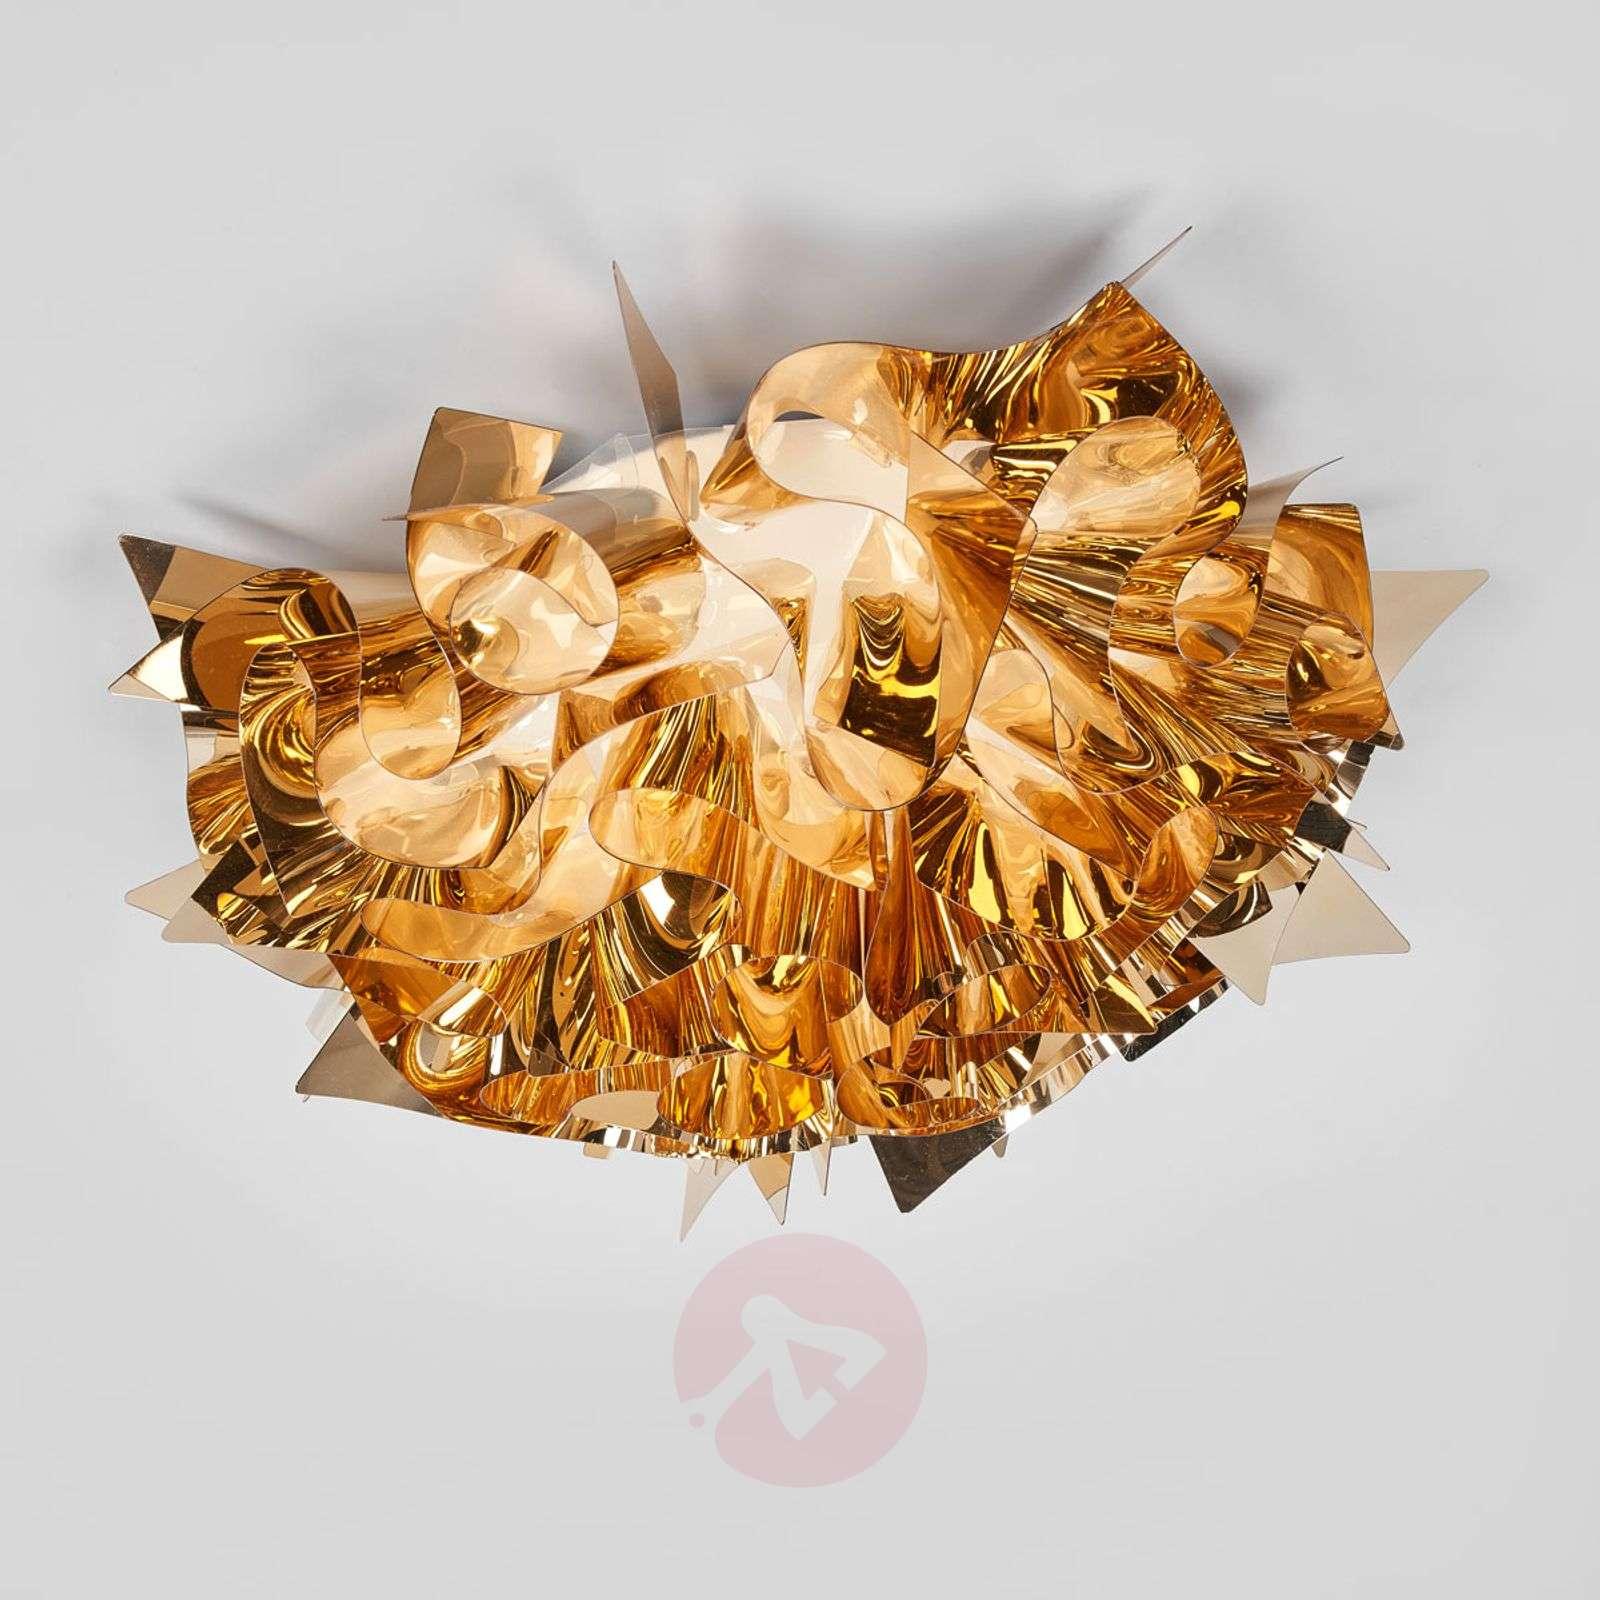 Gold Veli ceiling light, 53 cm-8503212-01